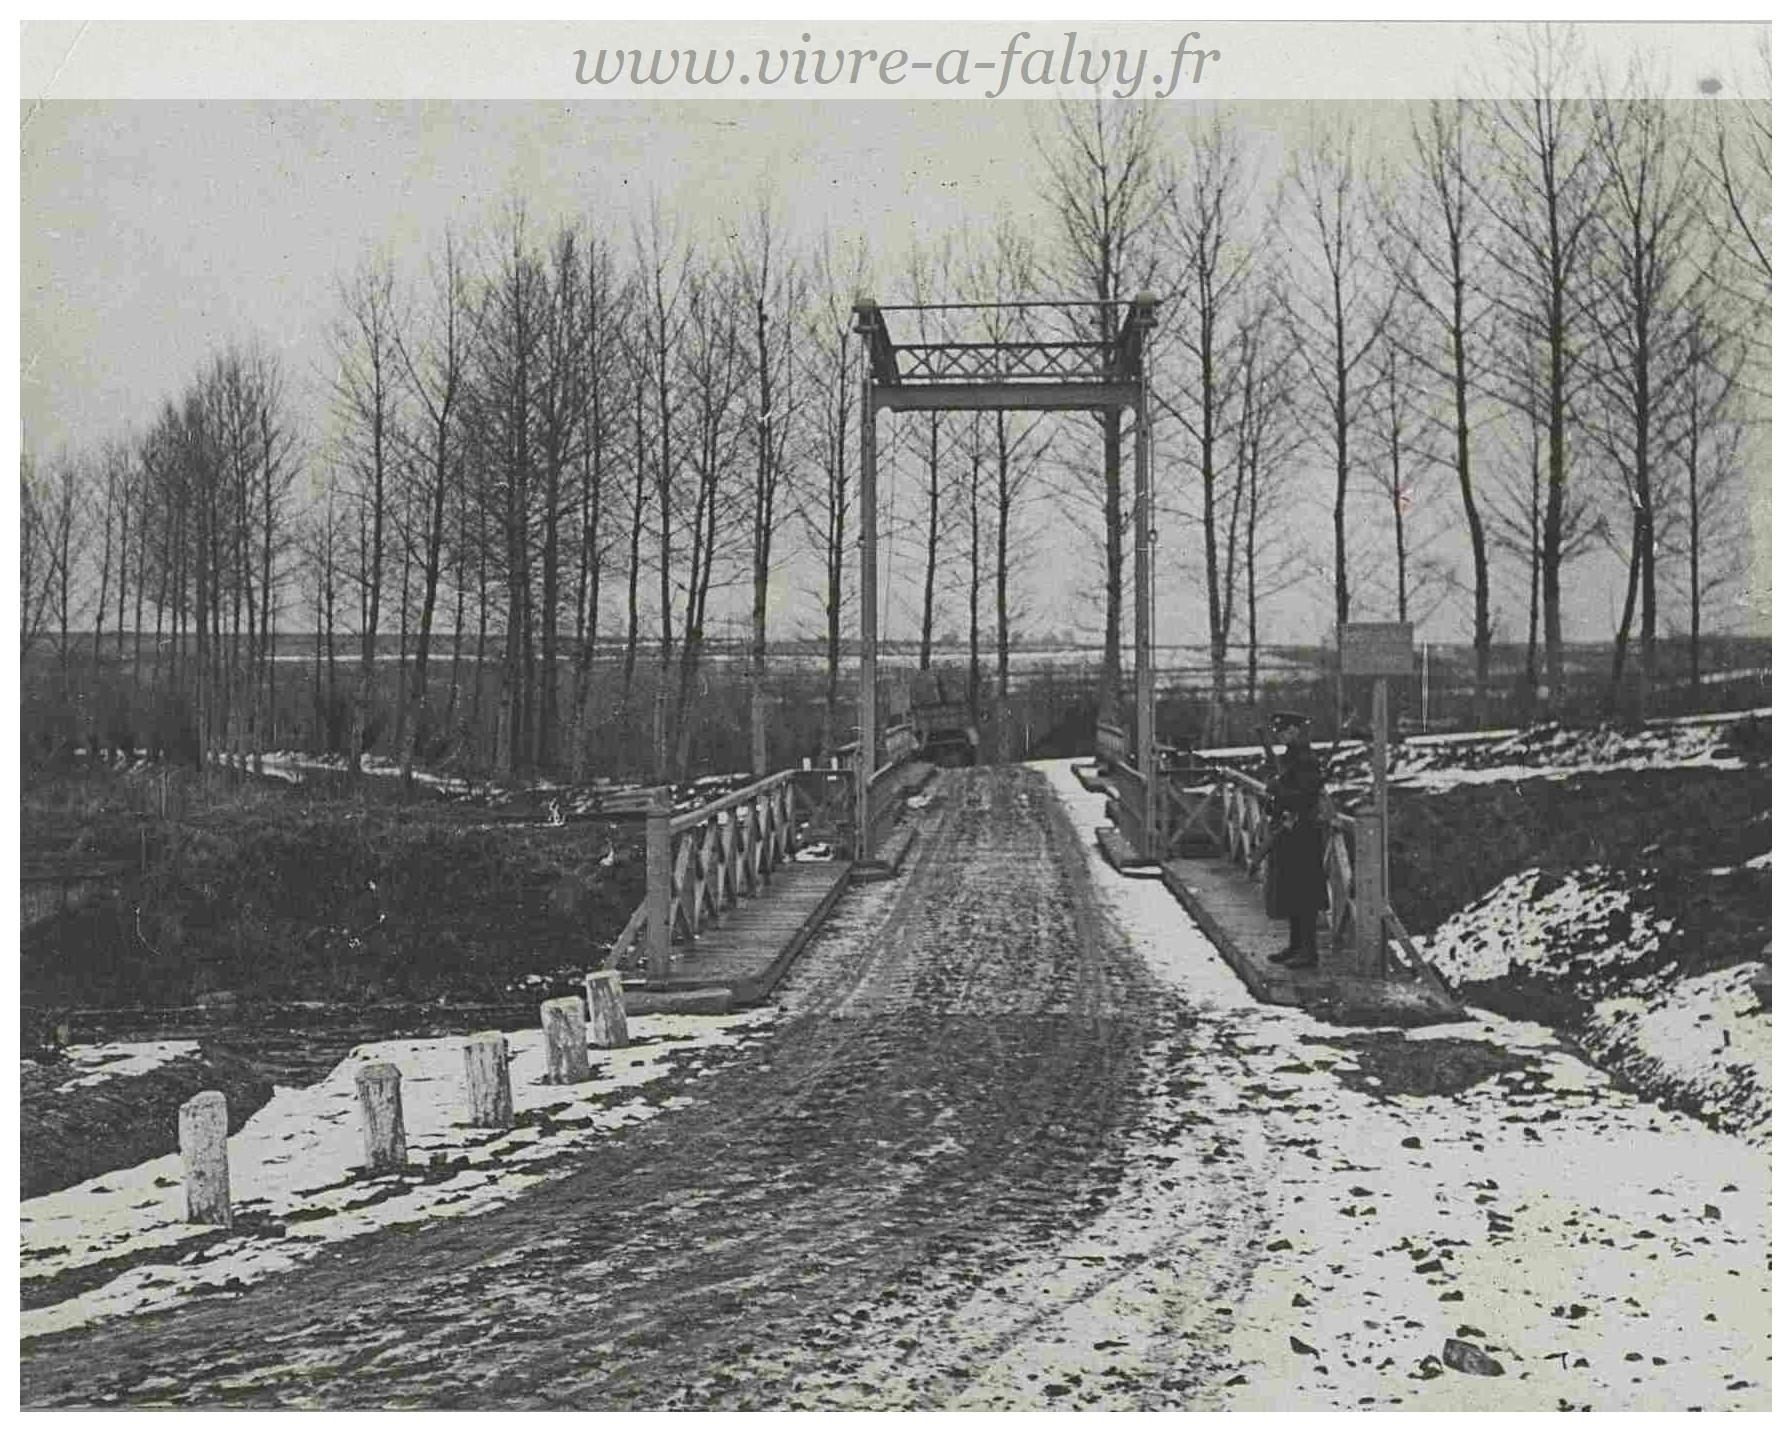 Pargny - Canal de la Somme Pont levant 14 janvier 1918